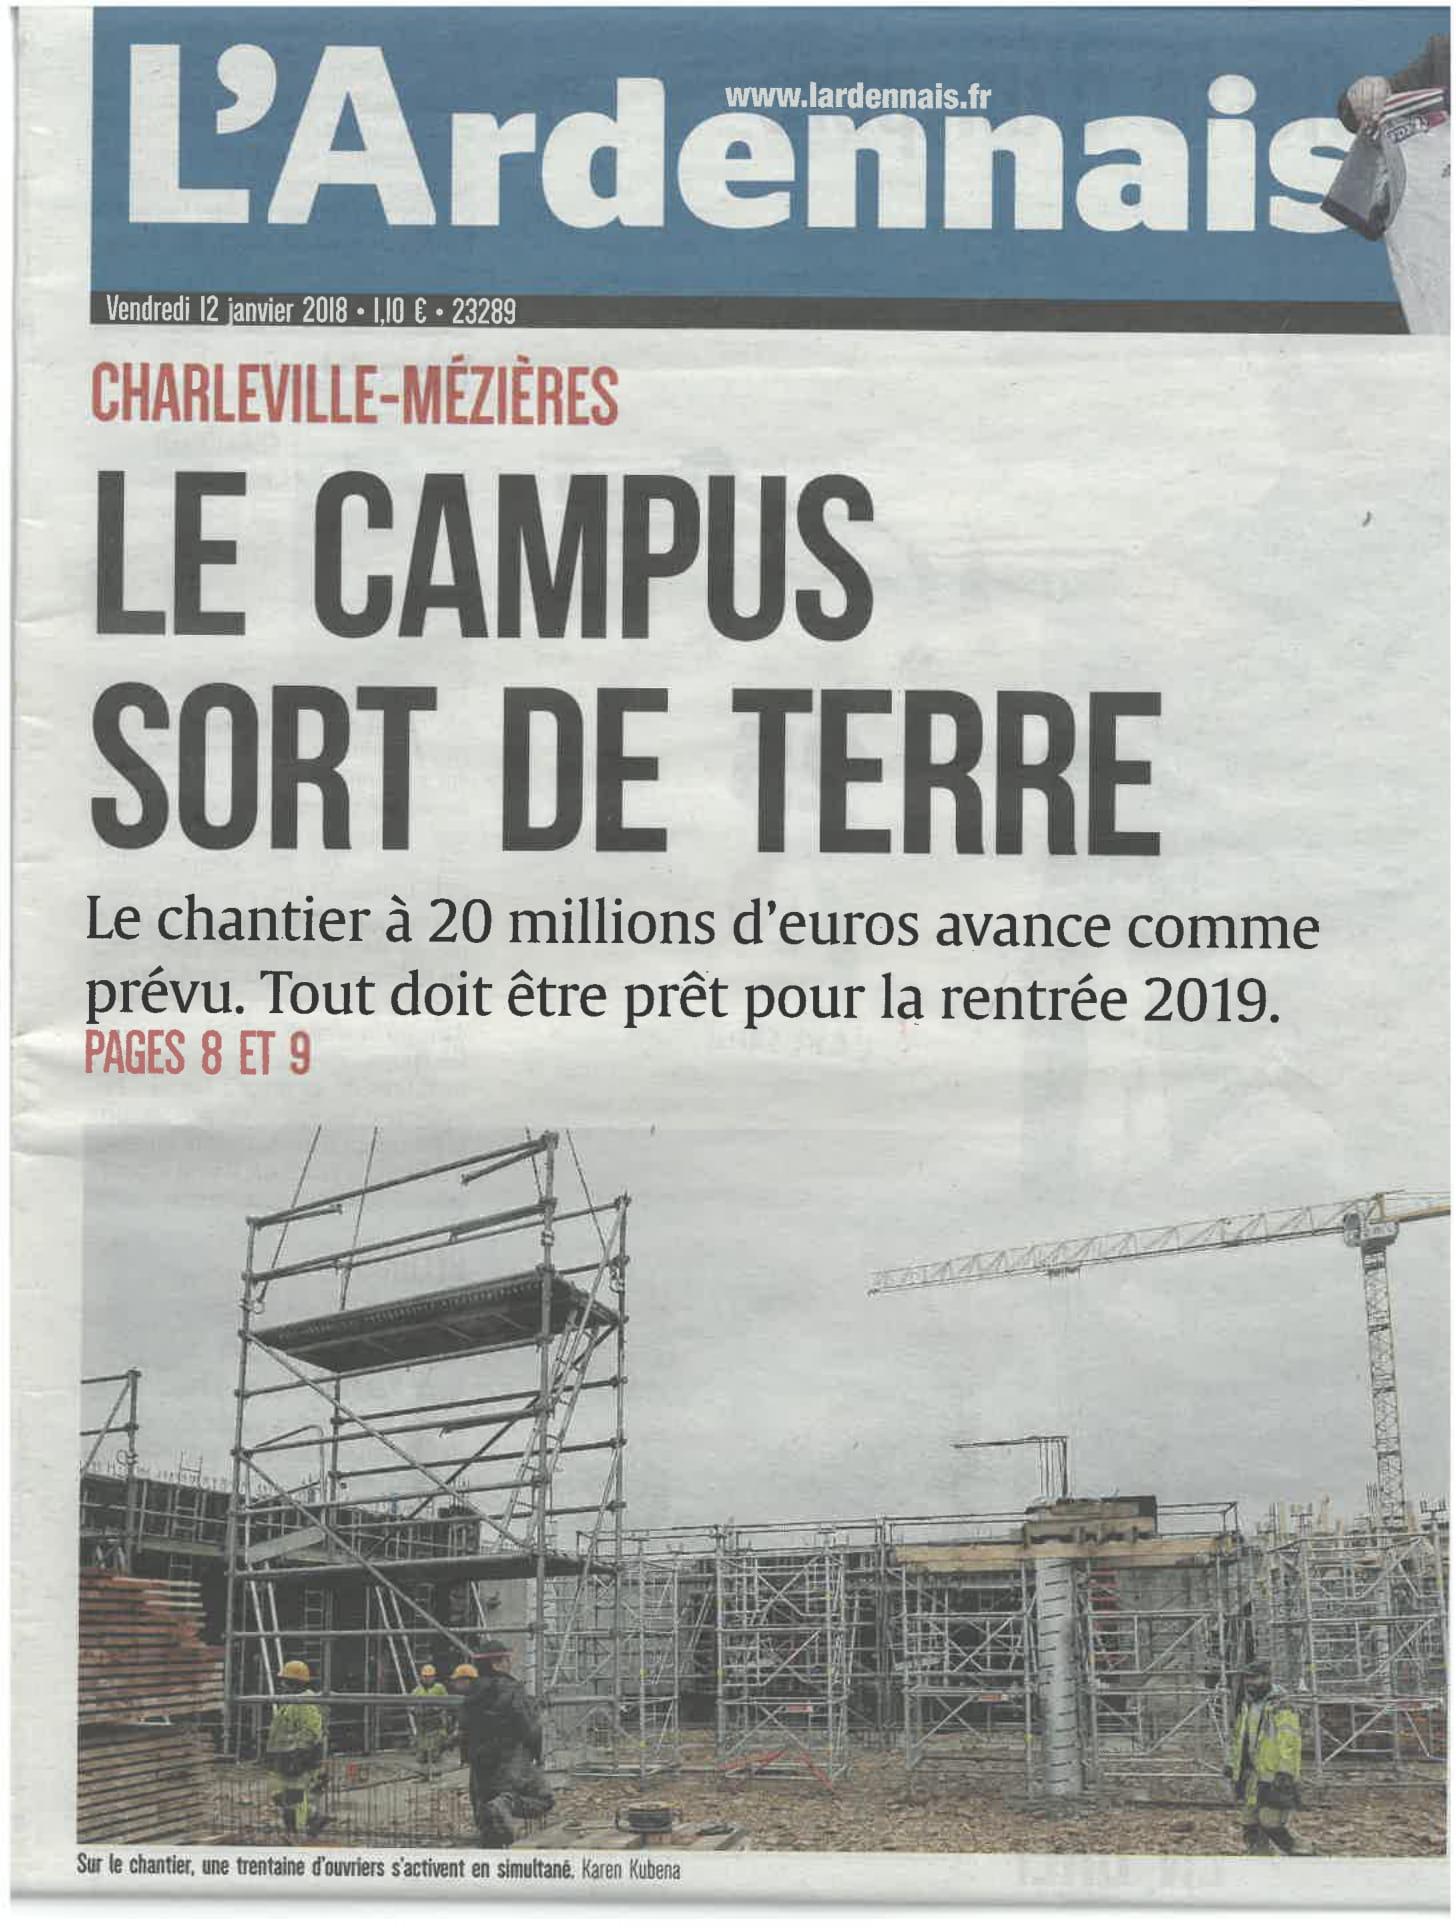 L'ARDENNAIS_Page 13_du 12012018-1